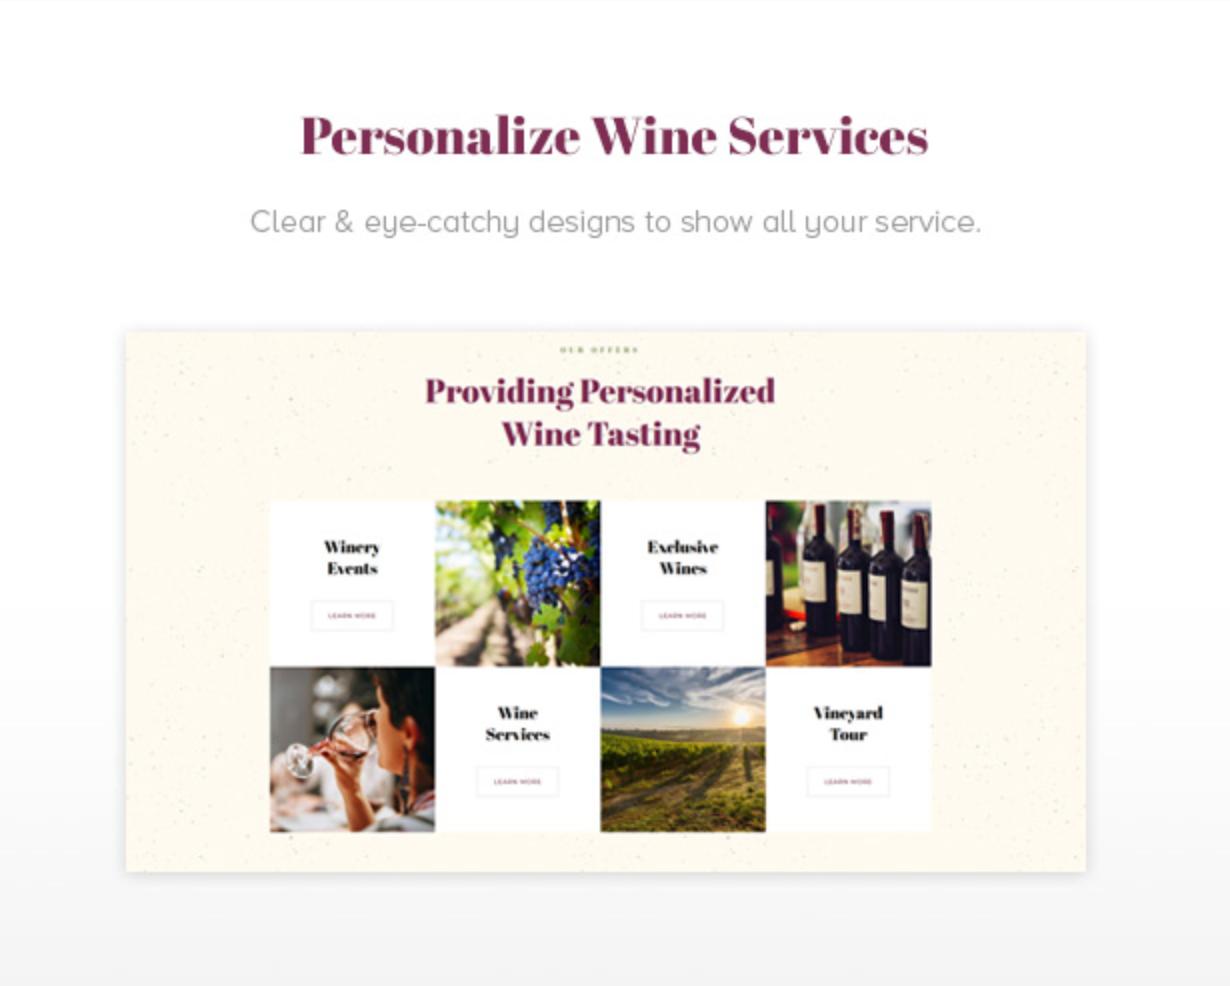 Royanwine Personalized Wine Services für Weingut, Weinkellerei, Winzer, Milchviehbetrieb